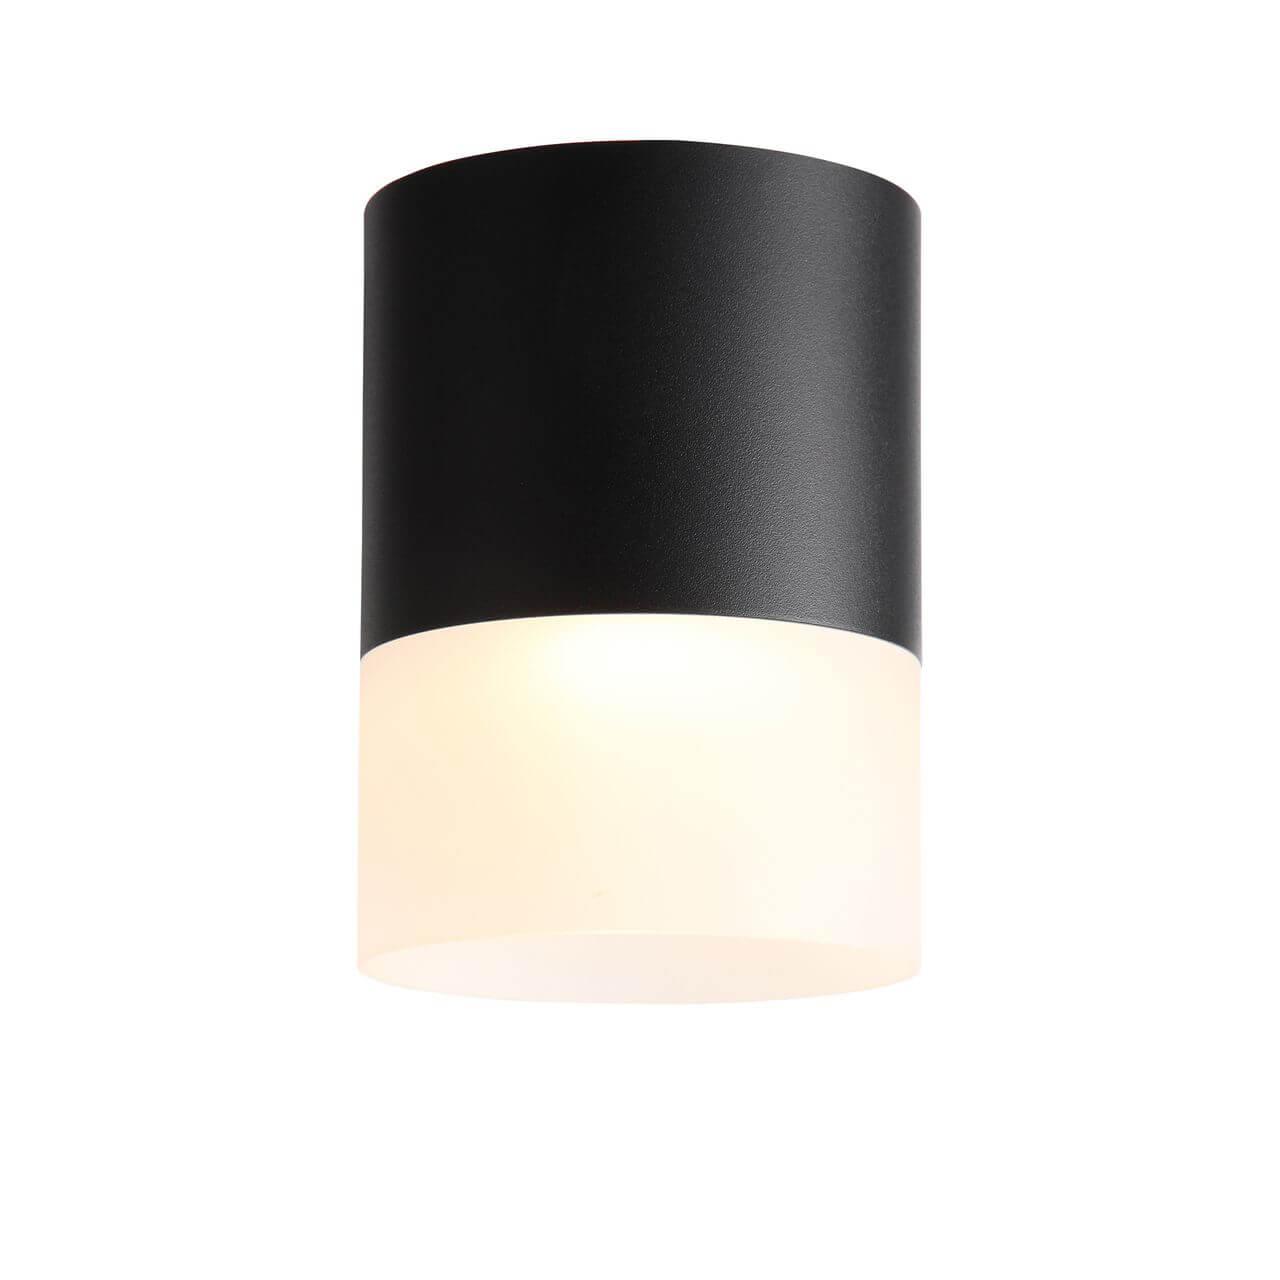 Потолочный светодиодный светильник ST Luce Ottu ST100.402.15